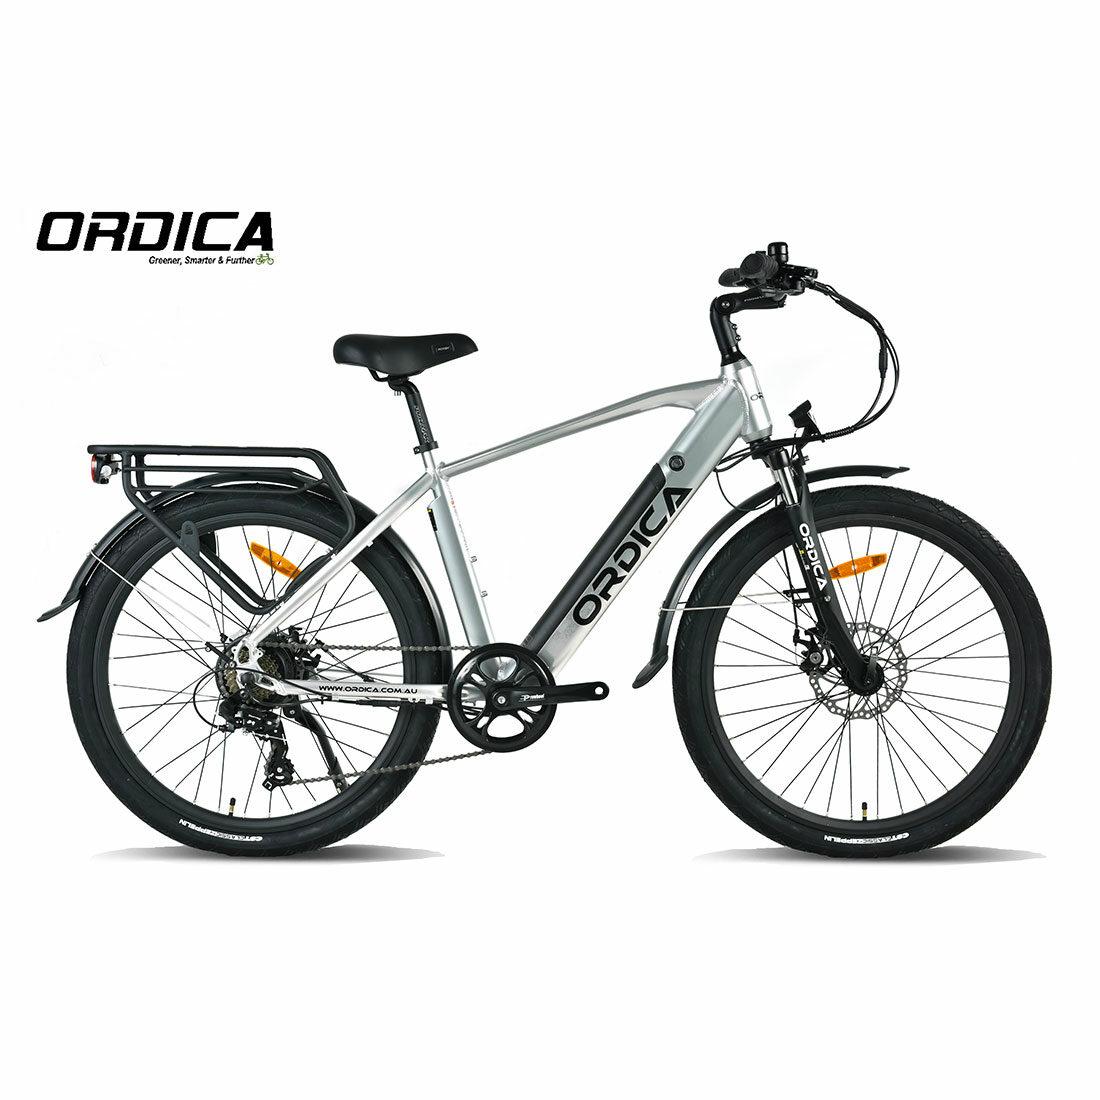 Ordica Swift Hybrid 26 Inch Silver